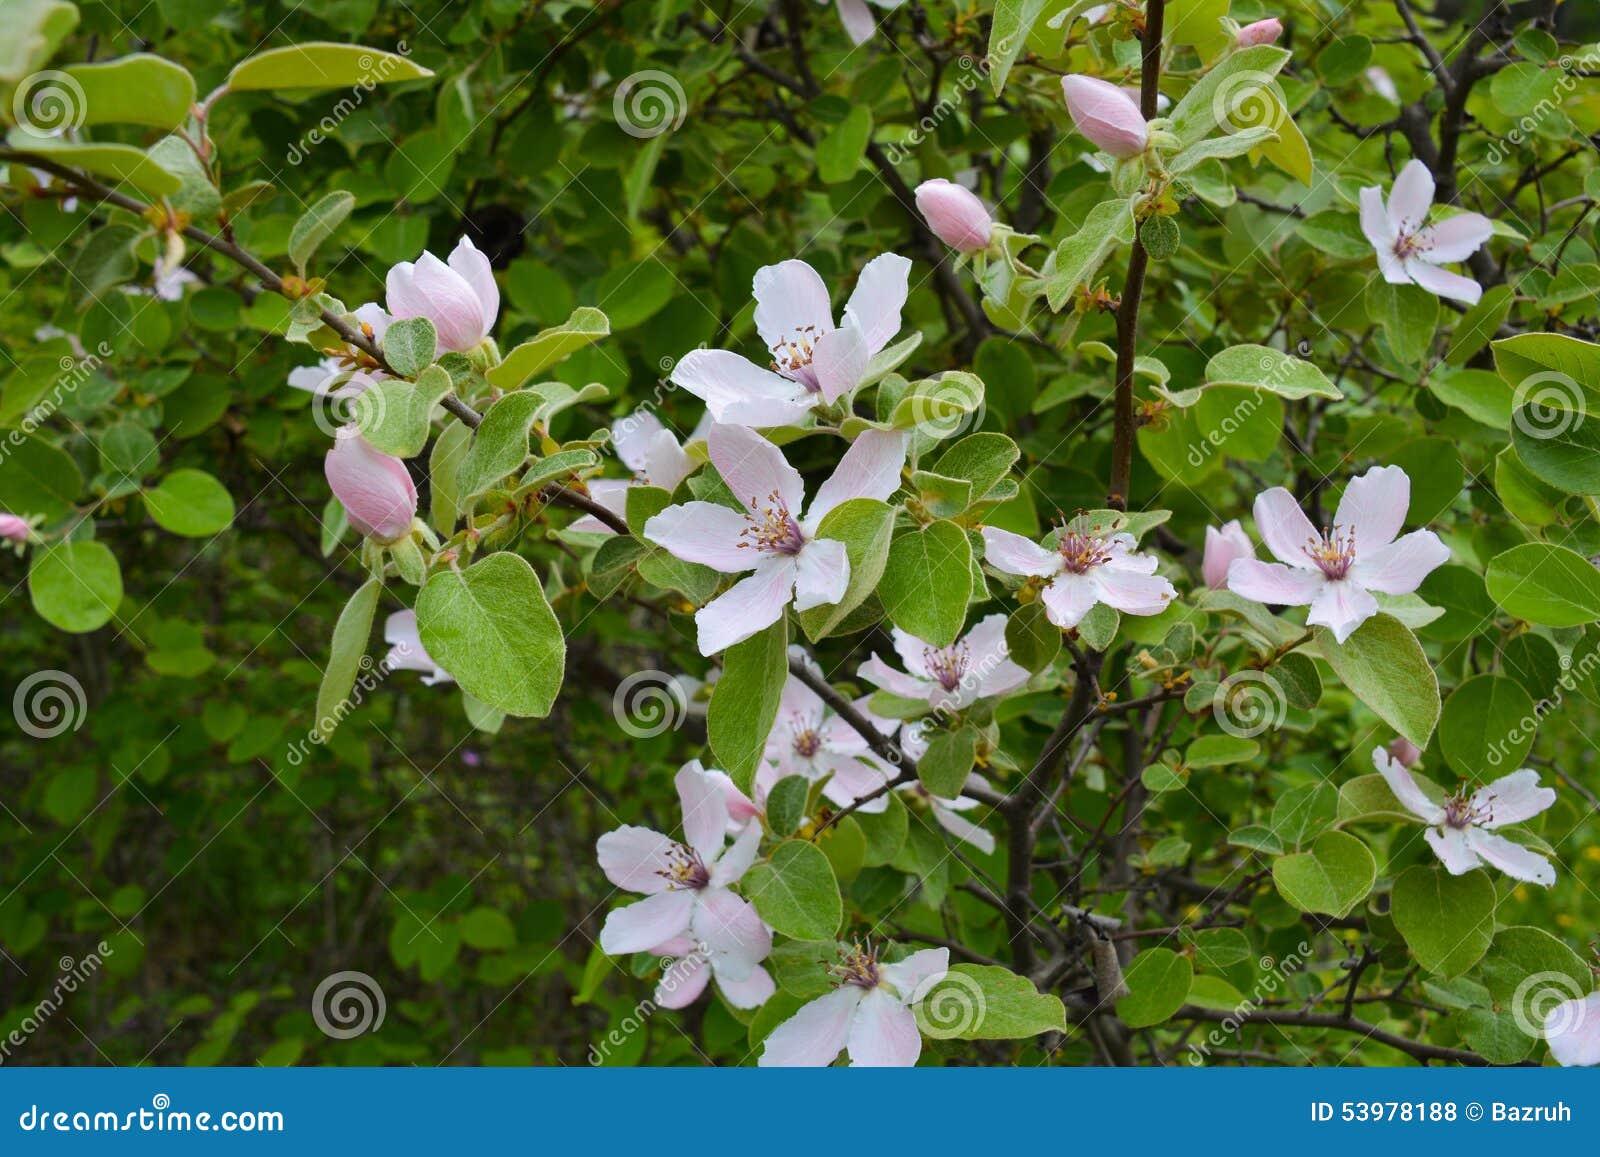 Rbol de membrillo floreciente en jard n foto de archivo imagen de blanco flores 53978188 - Membrillo arbol ...